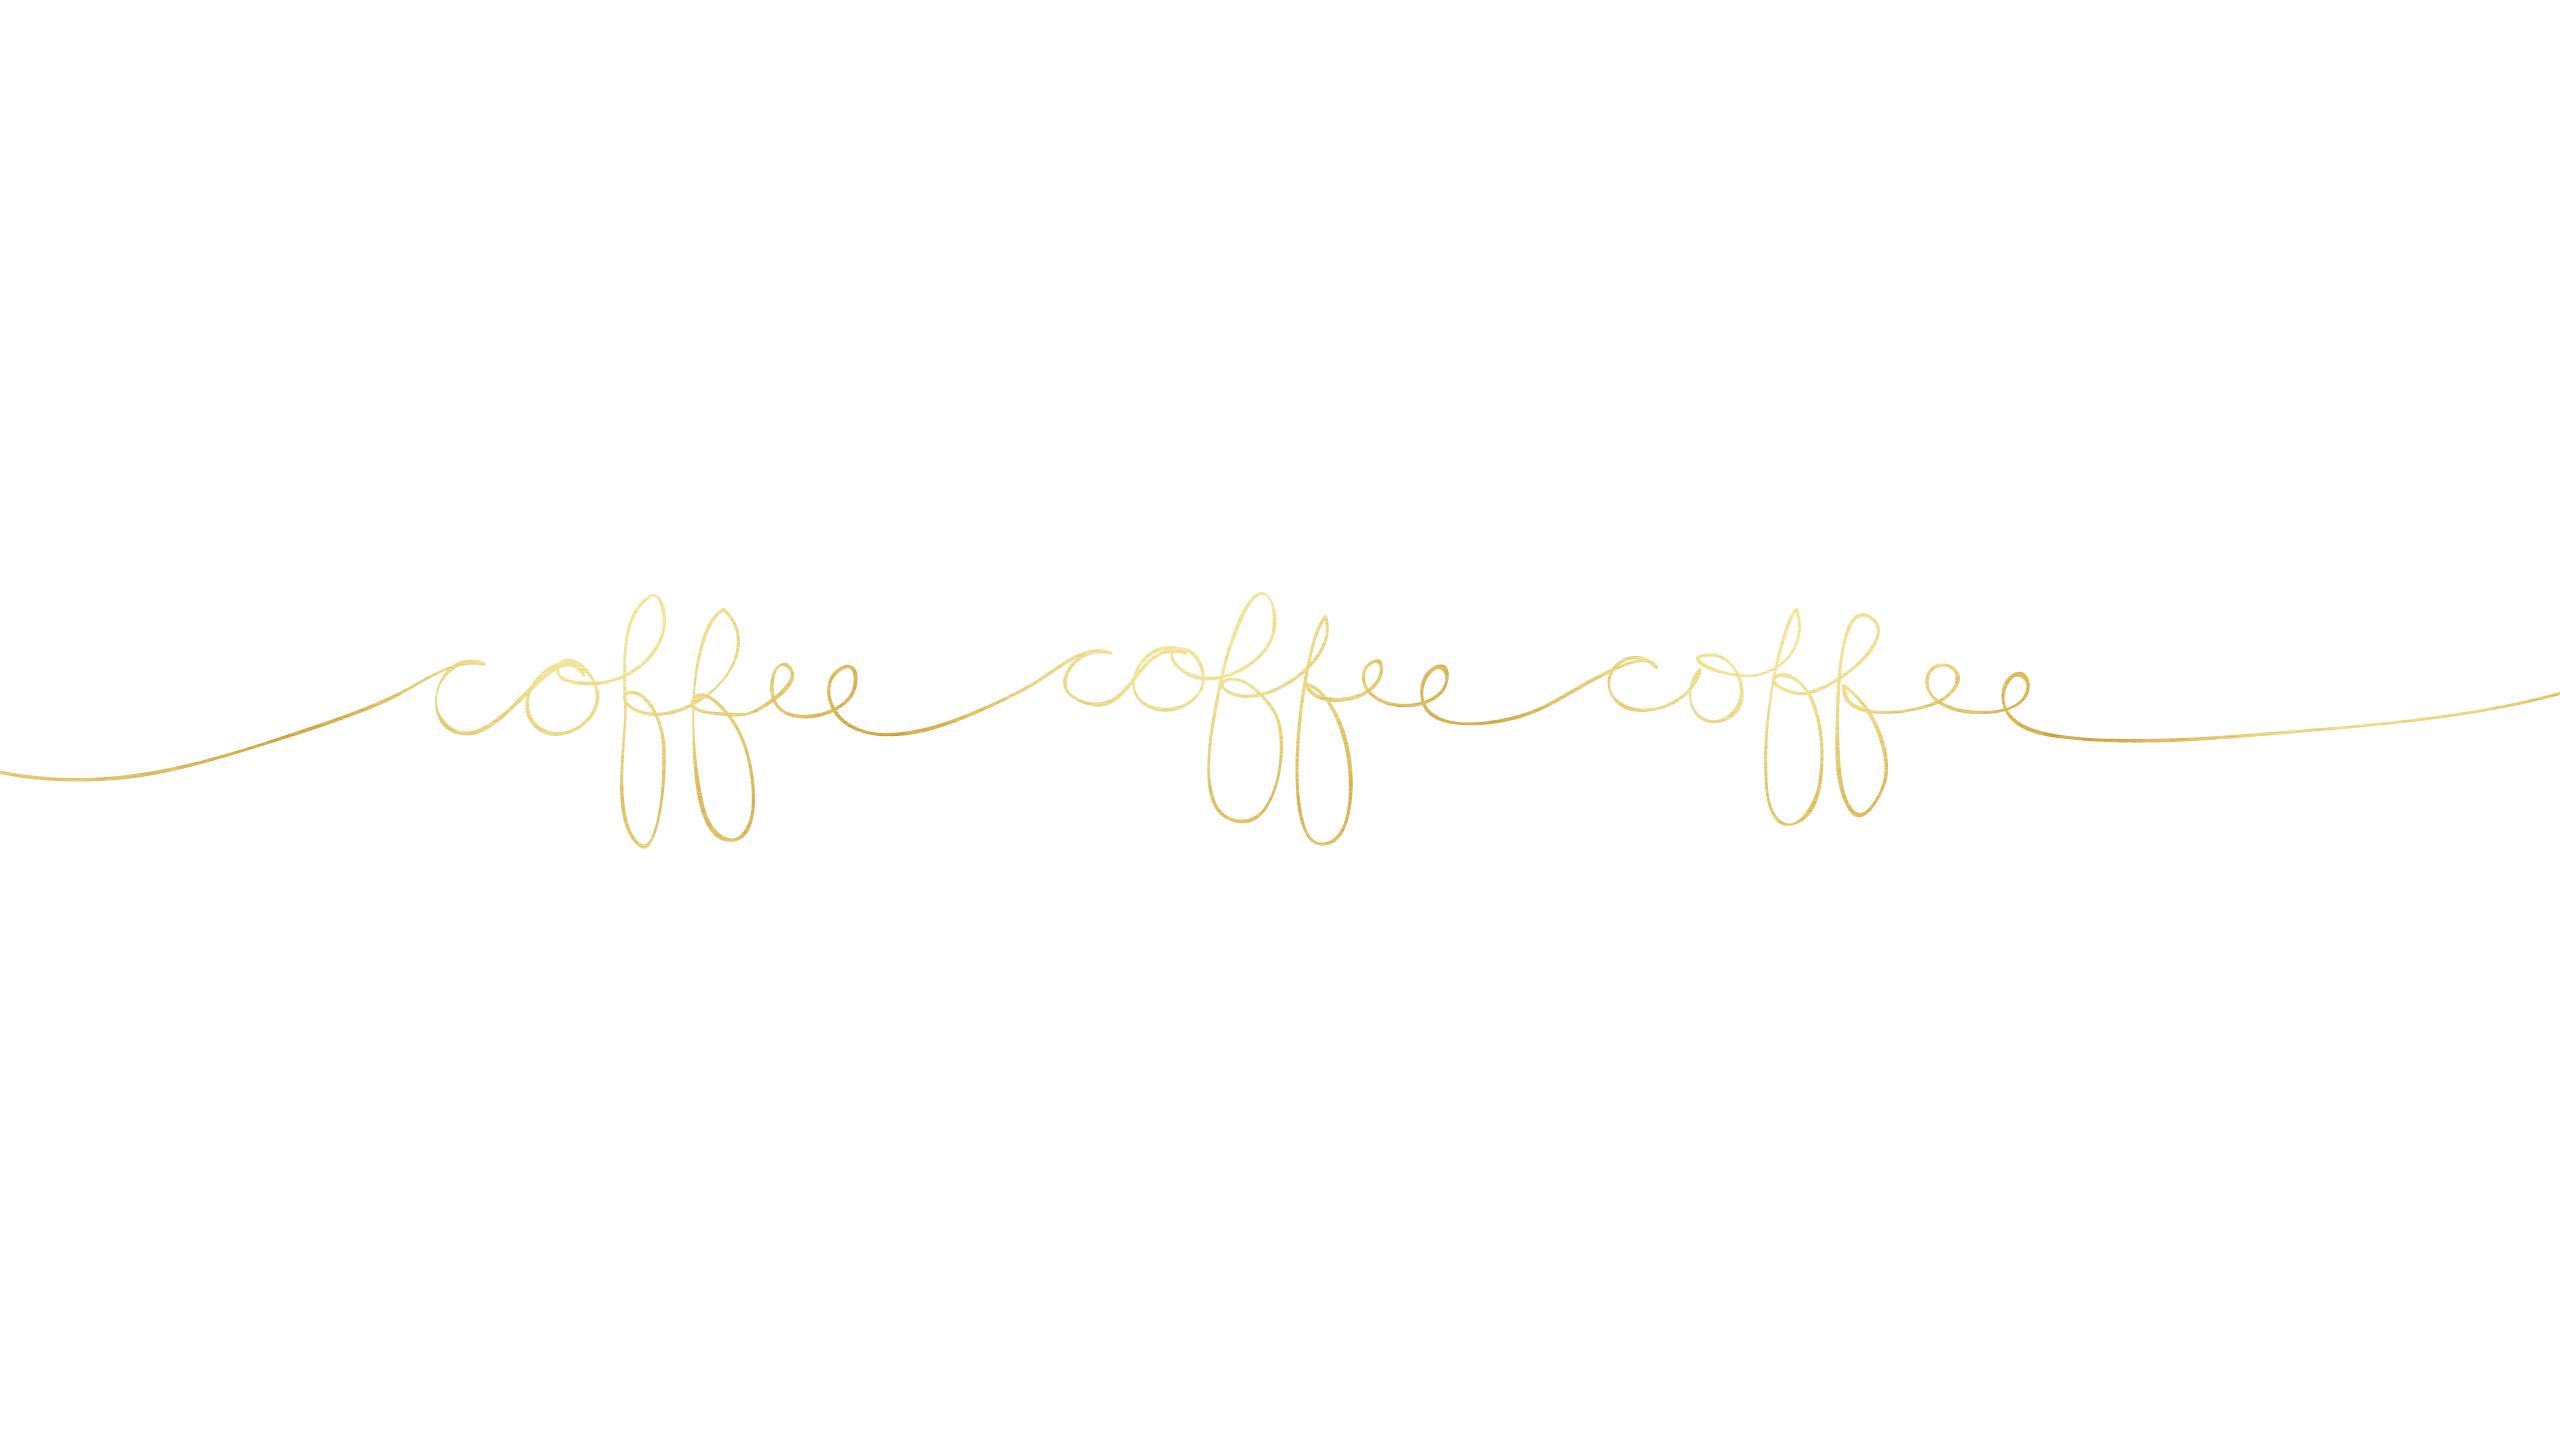 القهوة خلفية سطح المكتب الحد الأدنى الذهب 8930 2560 1440 بكسل Minimalist Desktop Wallpaper Minimalist Wallpaper Phone Minimalist Wallpaper